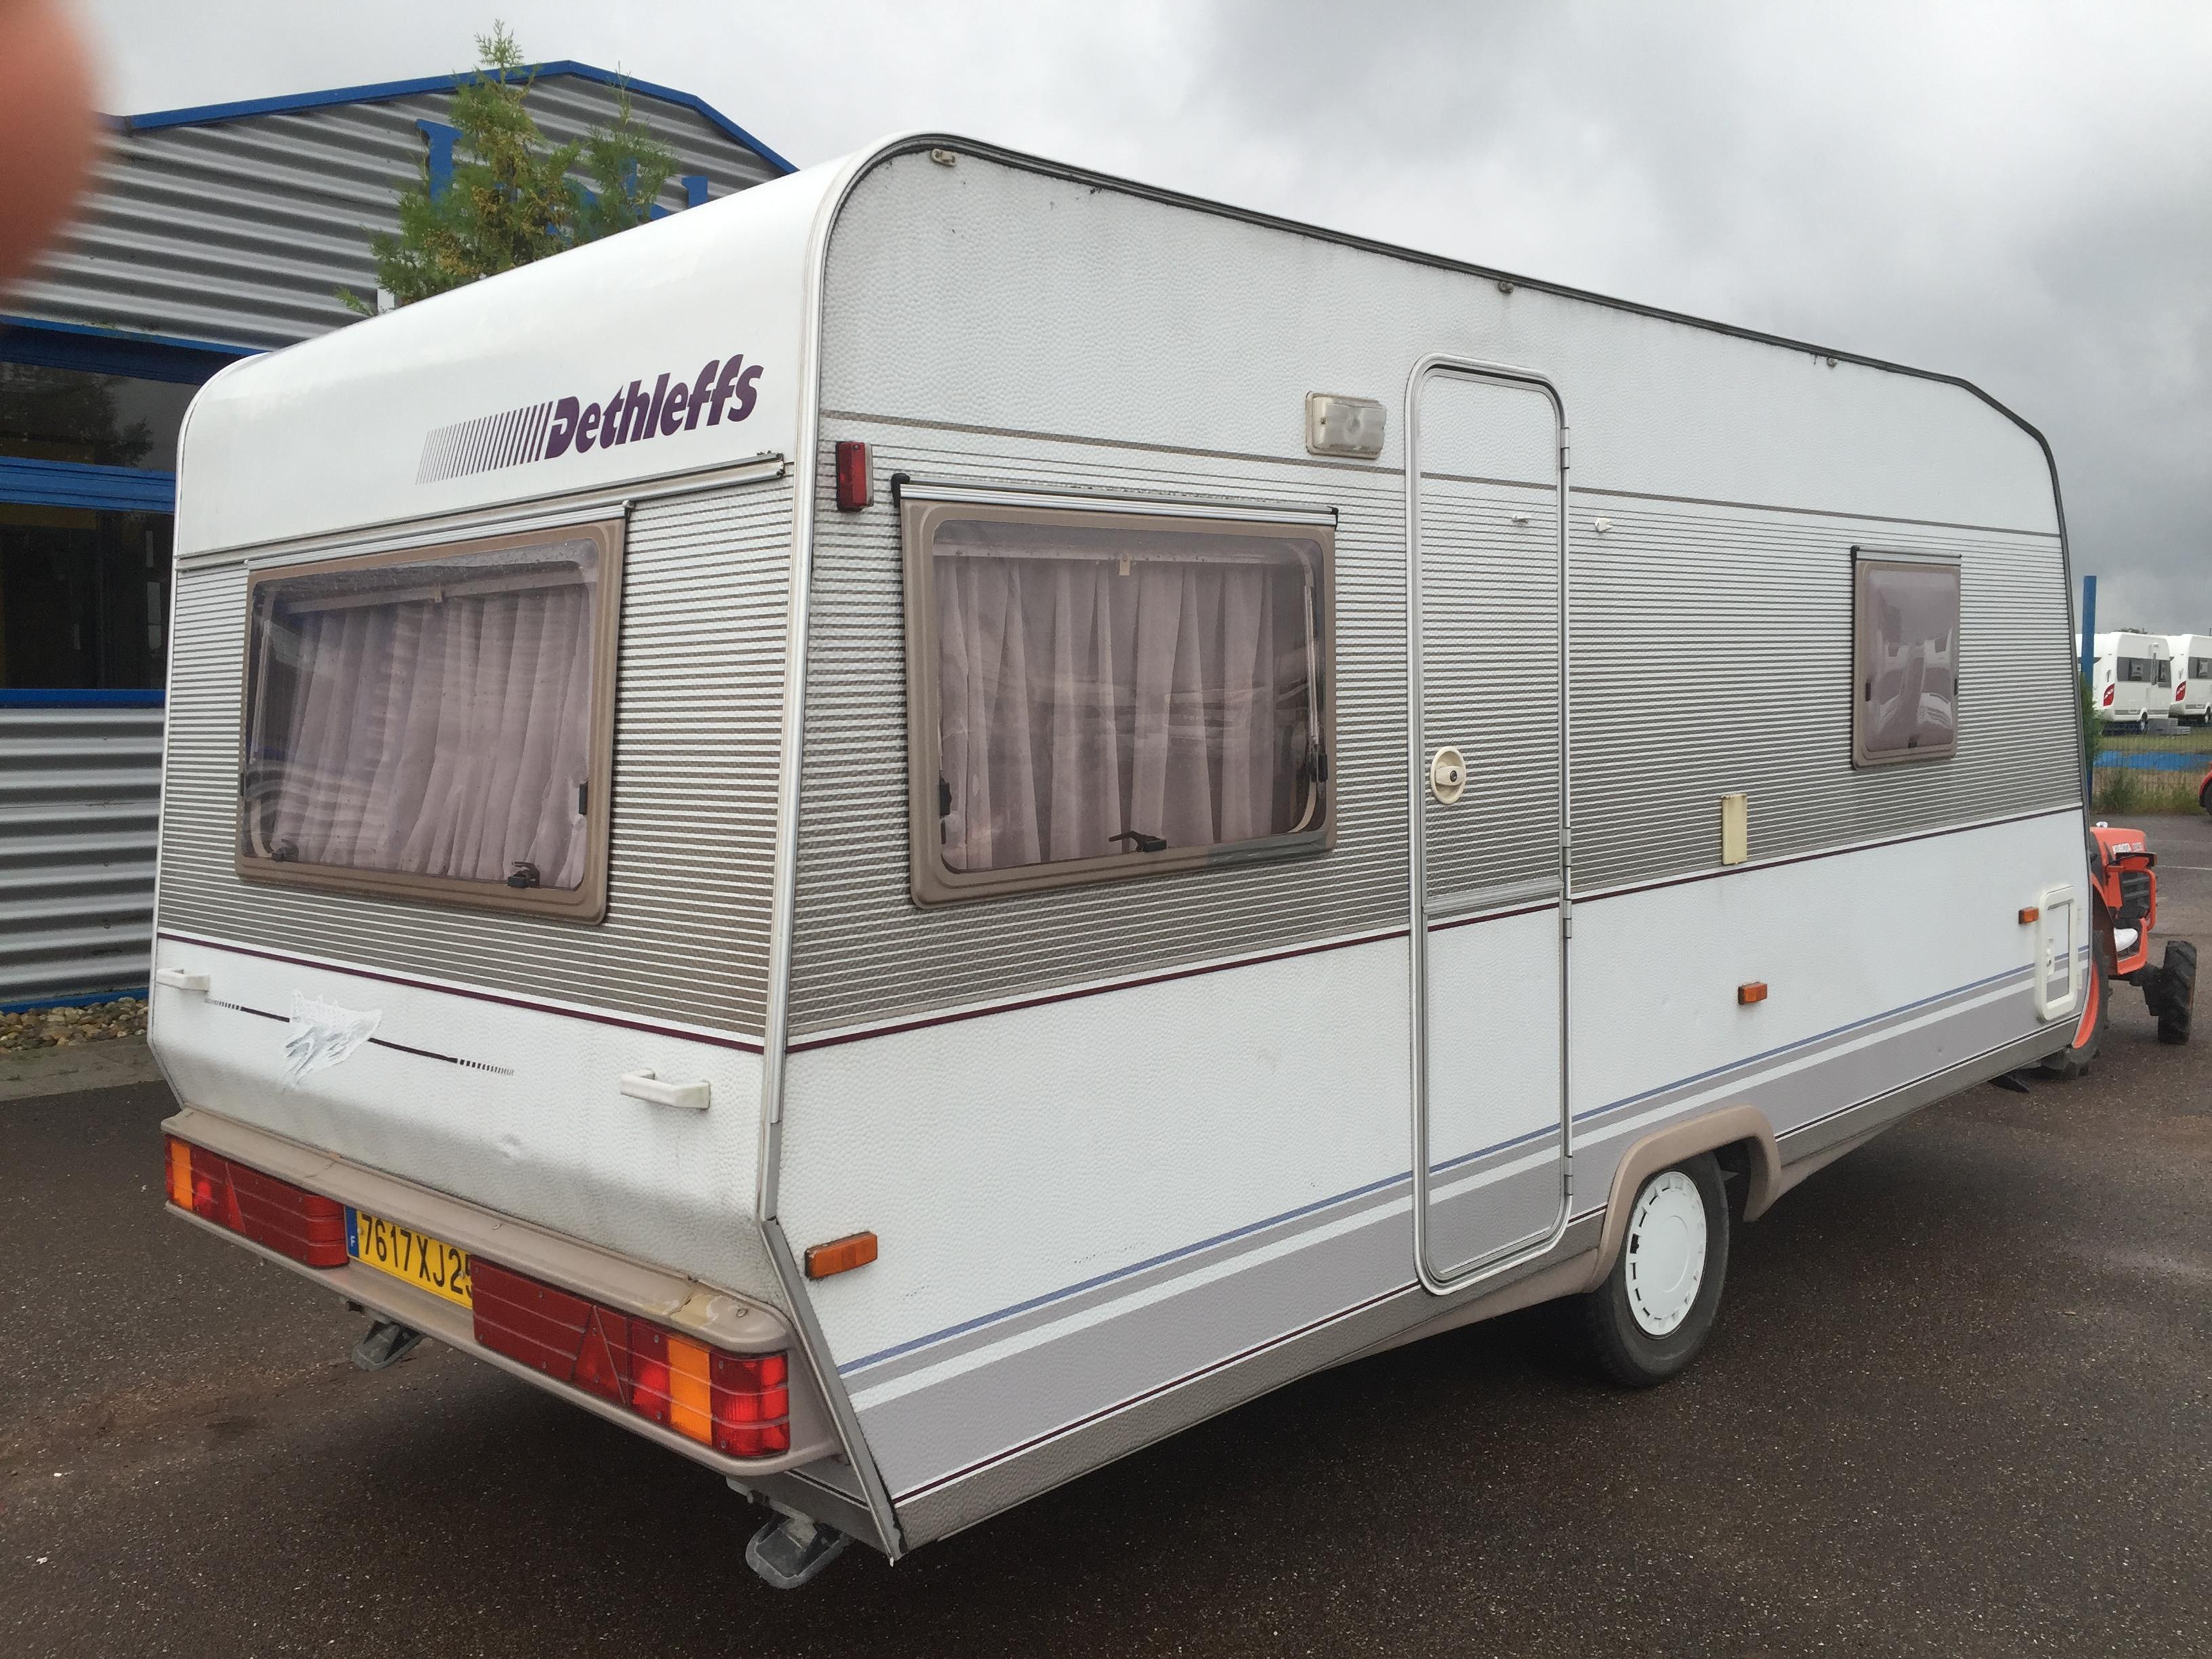 dethleffs bedouin occasion caravane vendre en rhin 67 ref 8552. Black Bedroom Furniture Sets. Home Design Ideas